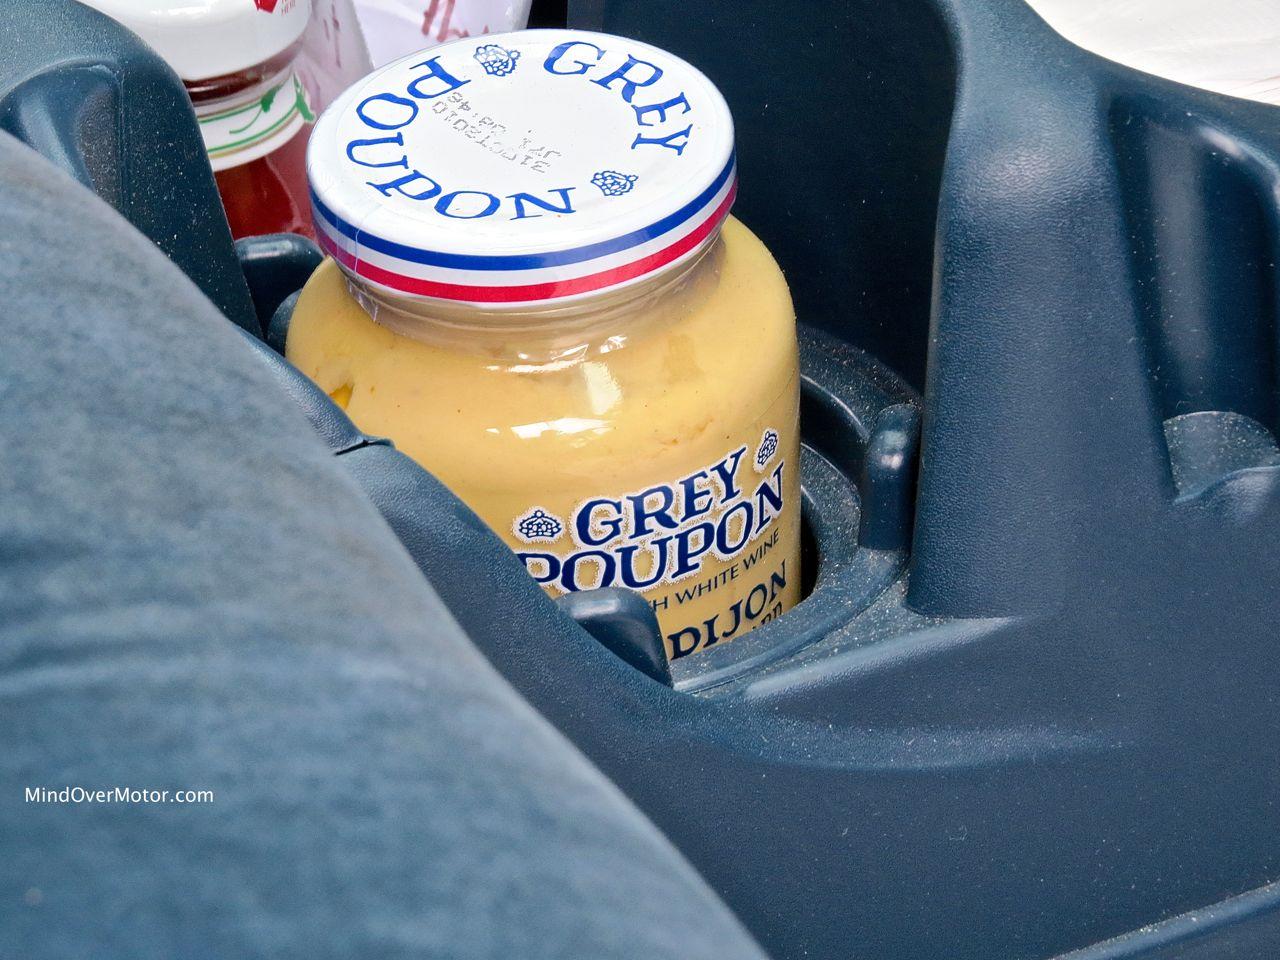 Pontiac Parisienne Brougham Grey Poupon